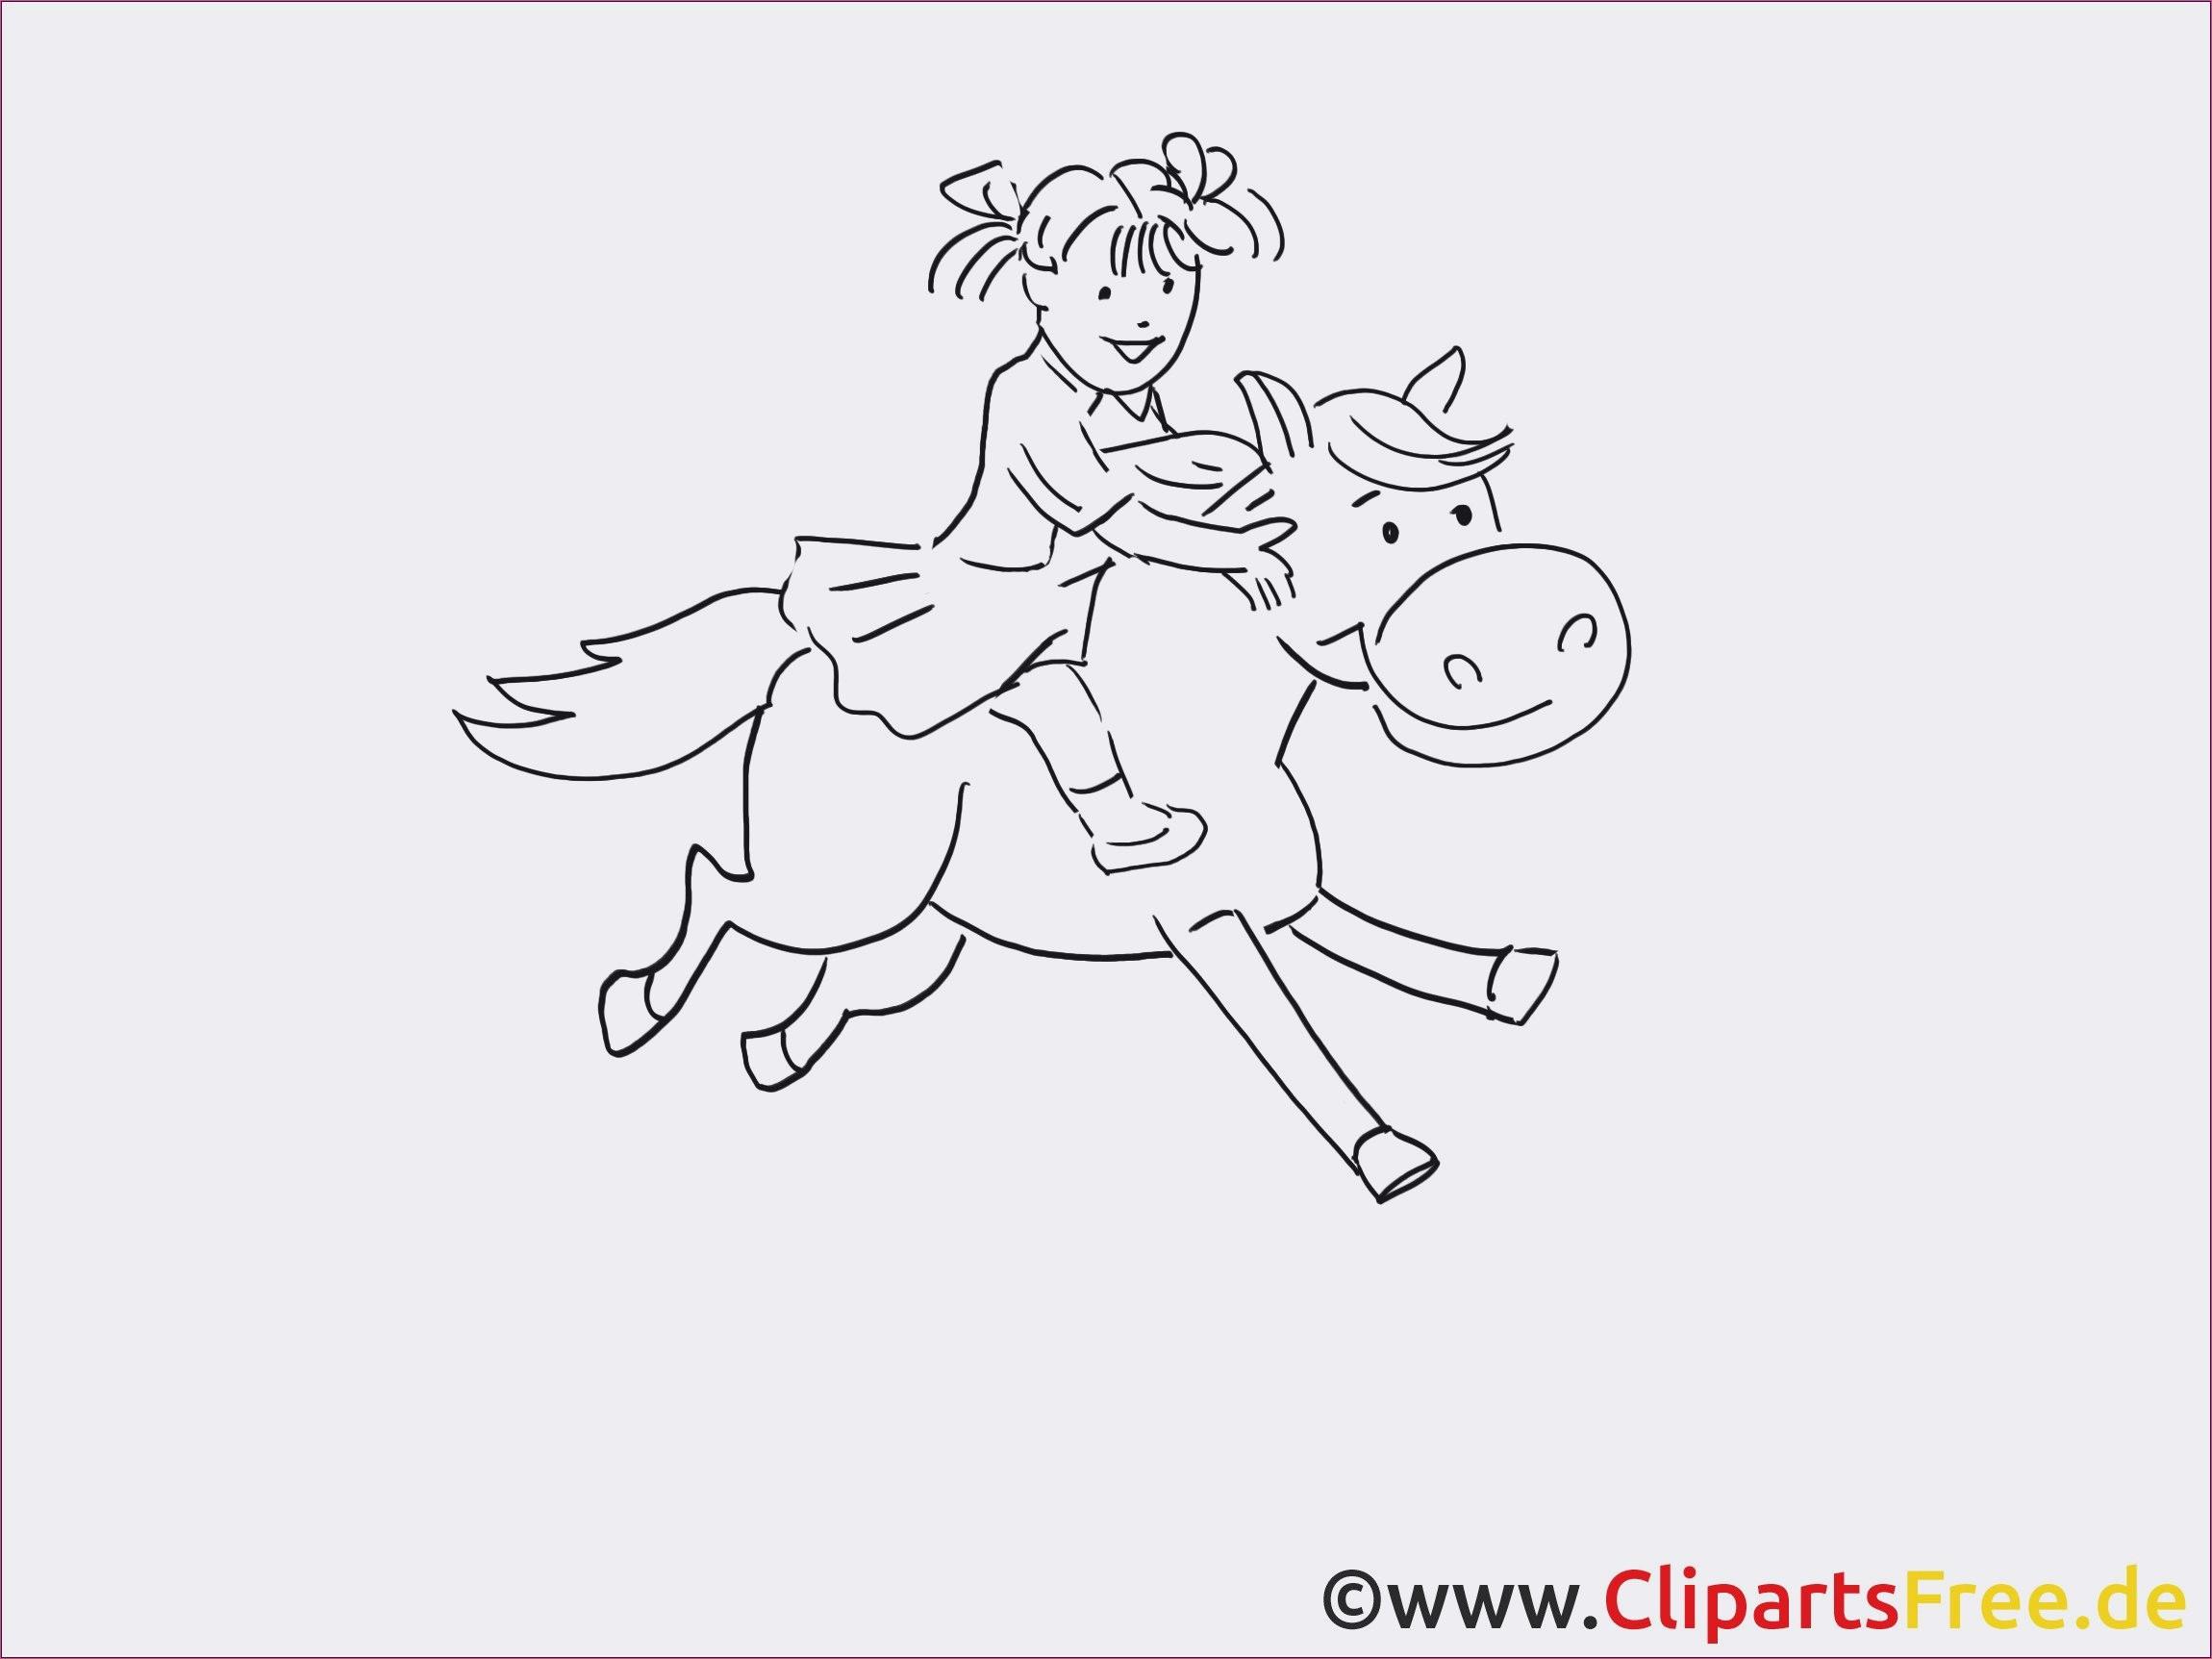 Ausmalbilder Pferde Zum Ausdrucken Kostenlos Frisch Malvorlage Einhorn Kostenlos Bilder Zum Ausmalen Bekommen Yoda Galerie